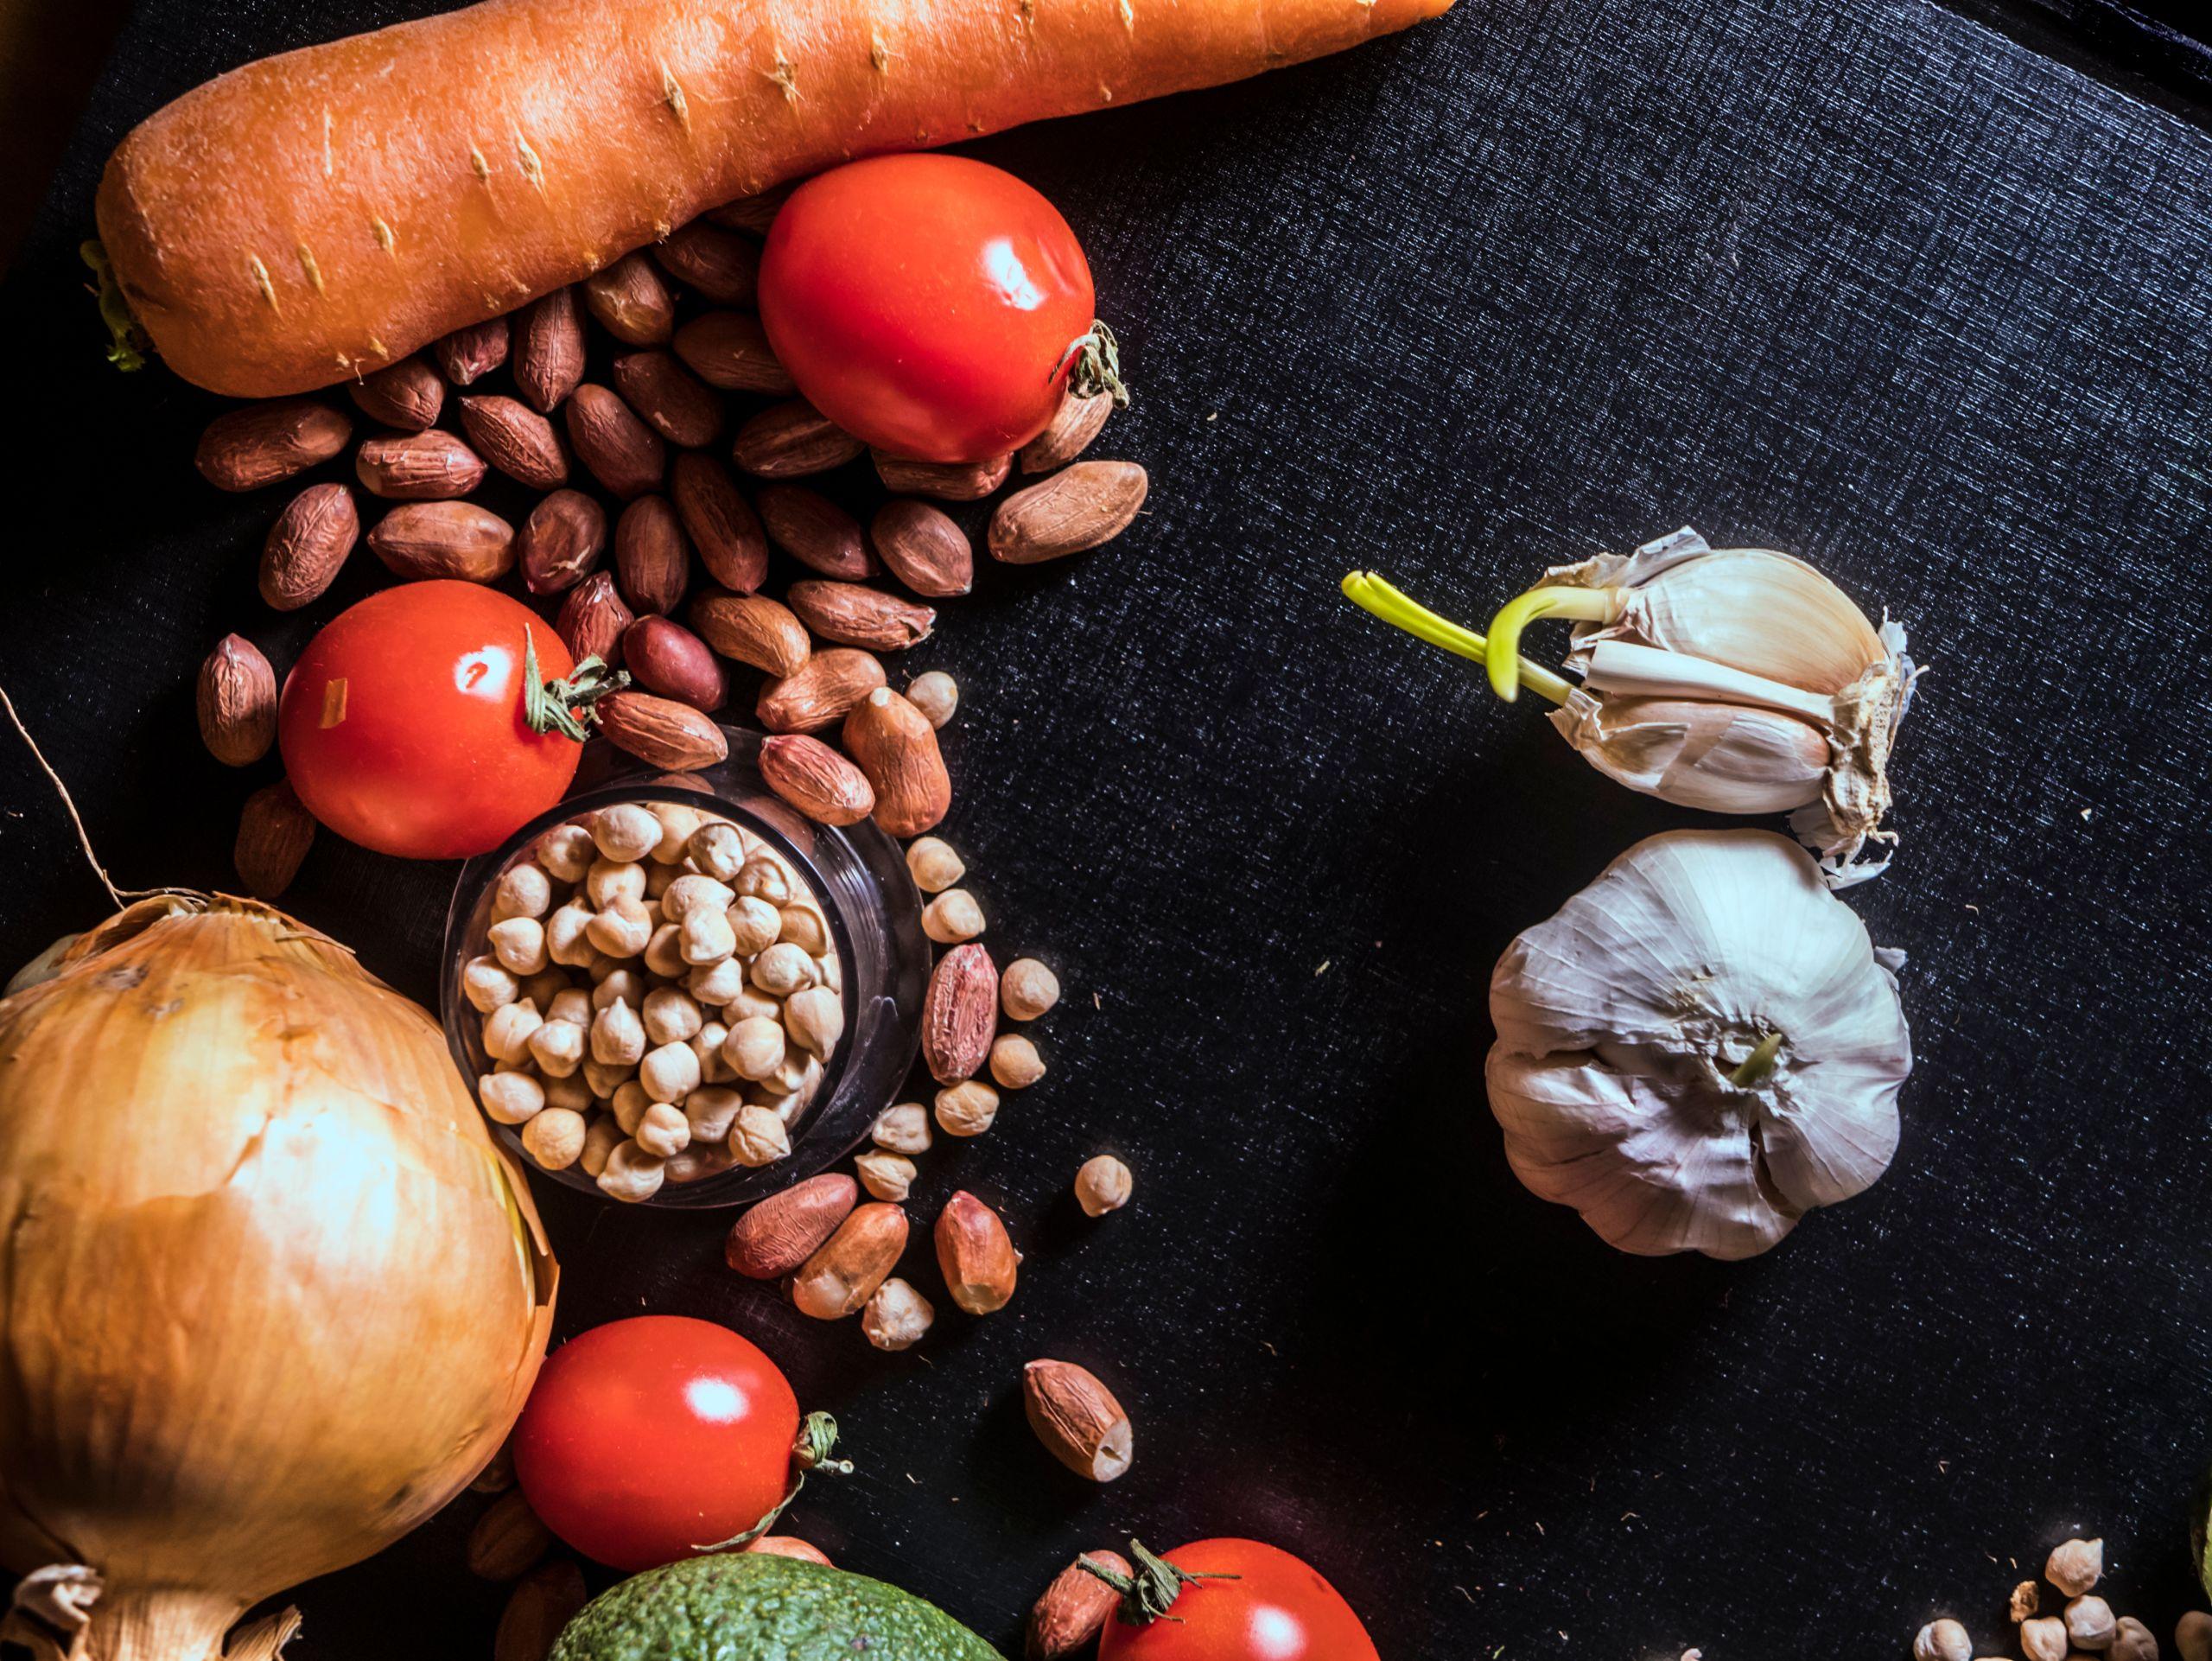 Полезные продукты и здоровое питание: как правильно питаться во время  самокарантина